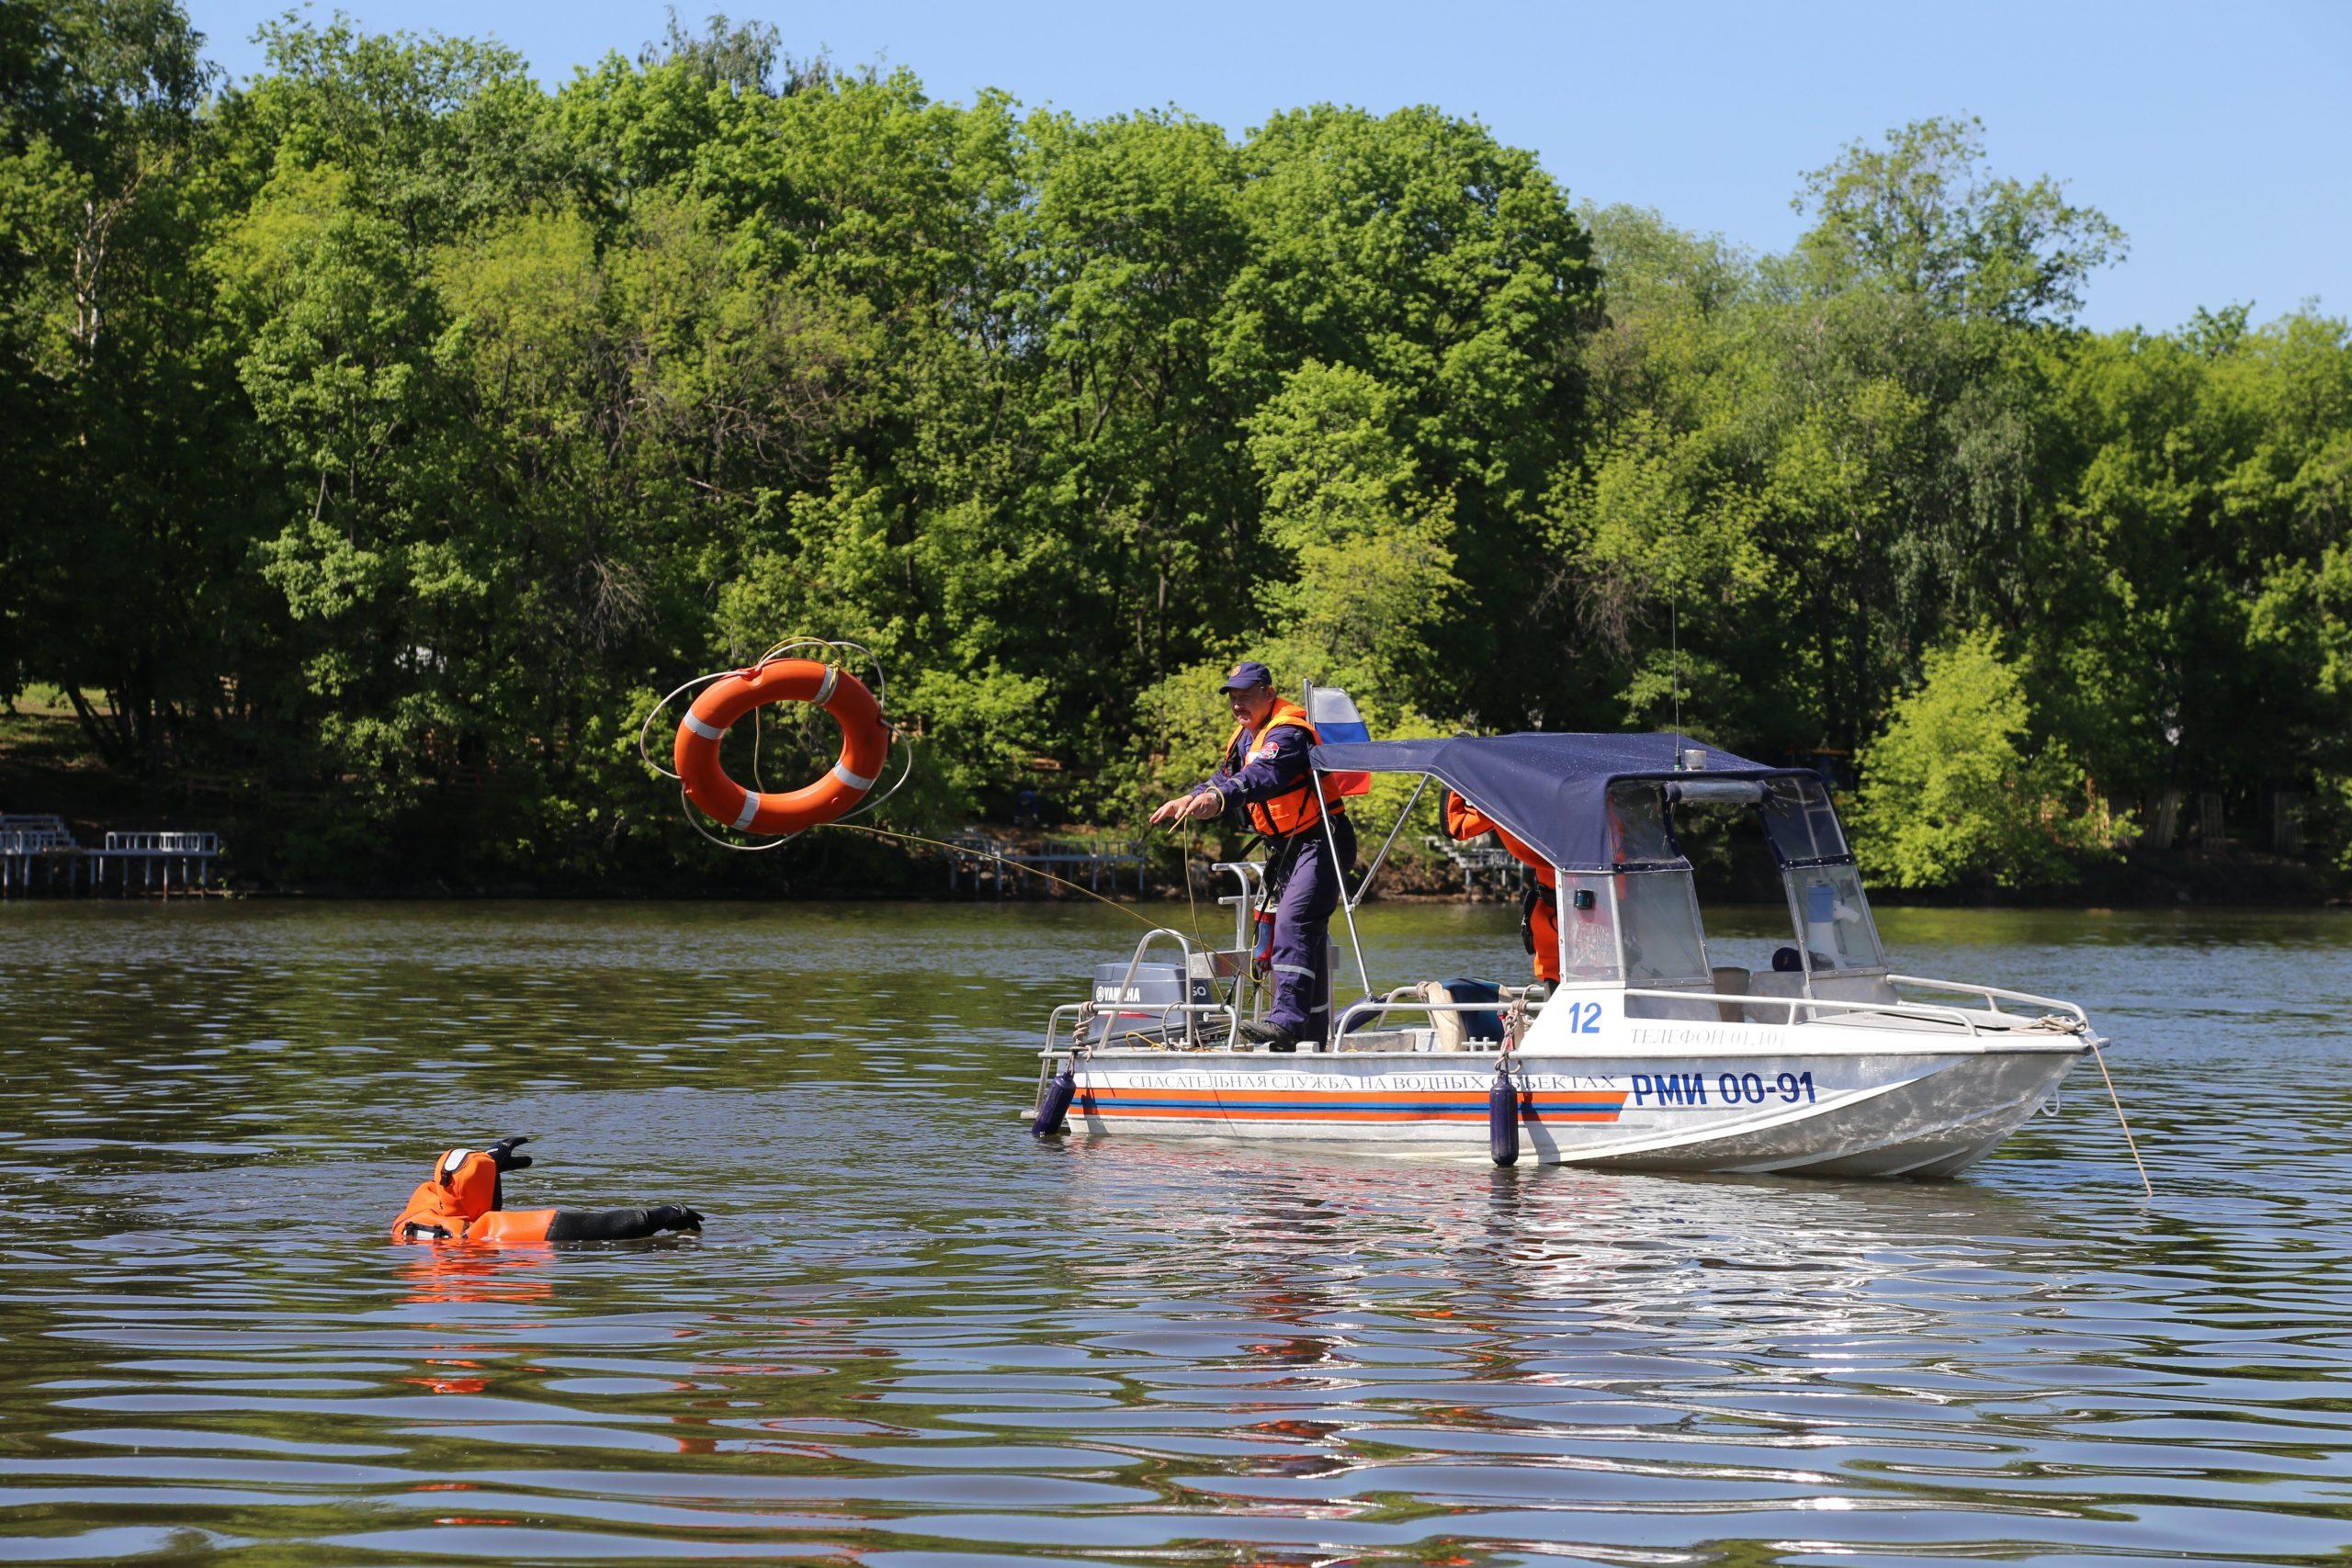 Московские спасатели на воде прошли проверку на готовность летнему сезону